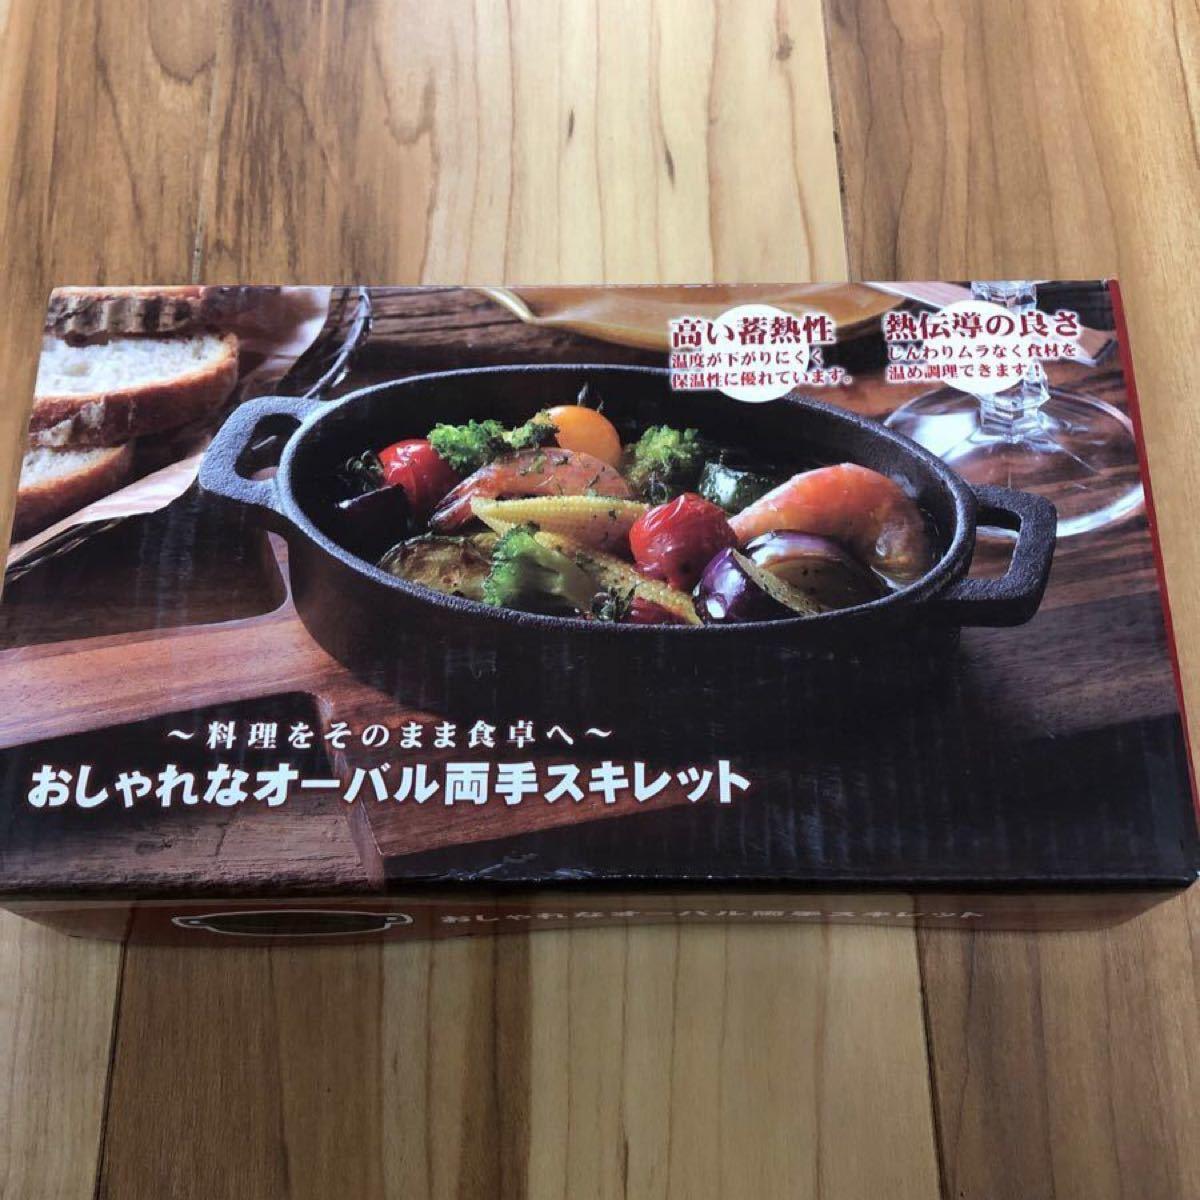 オーブン対応*オーバルスキレット*食洗機対応